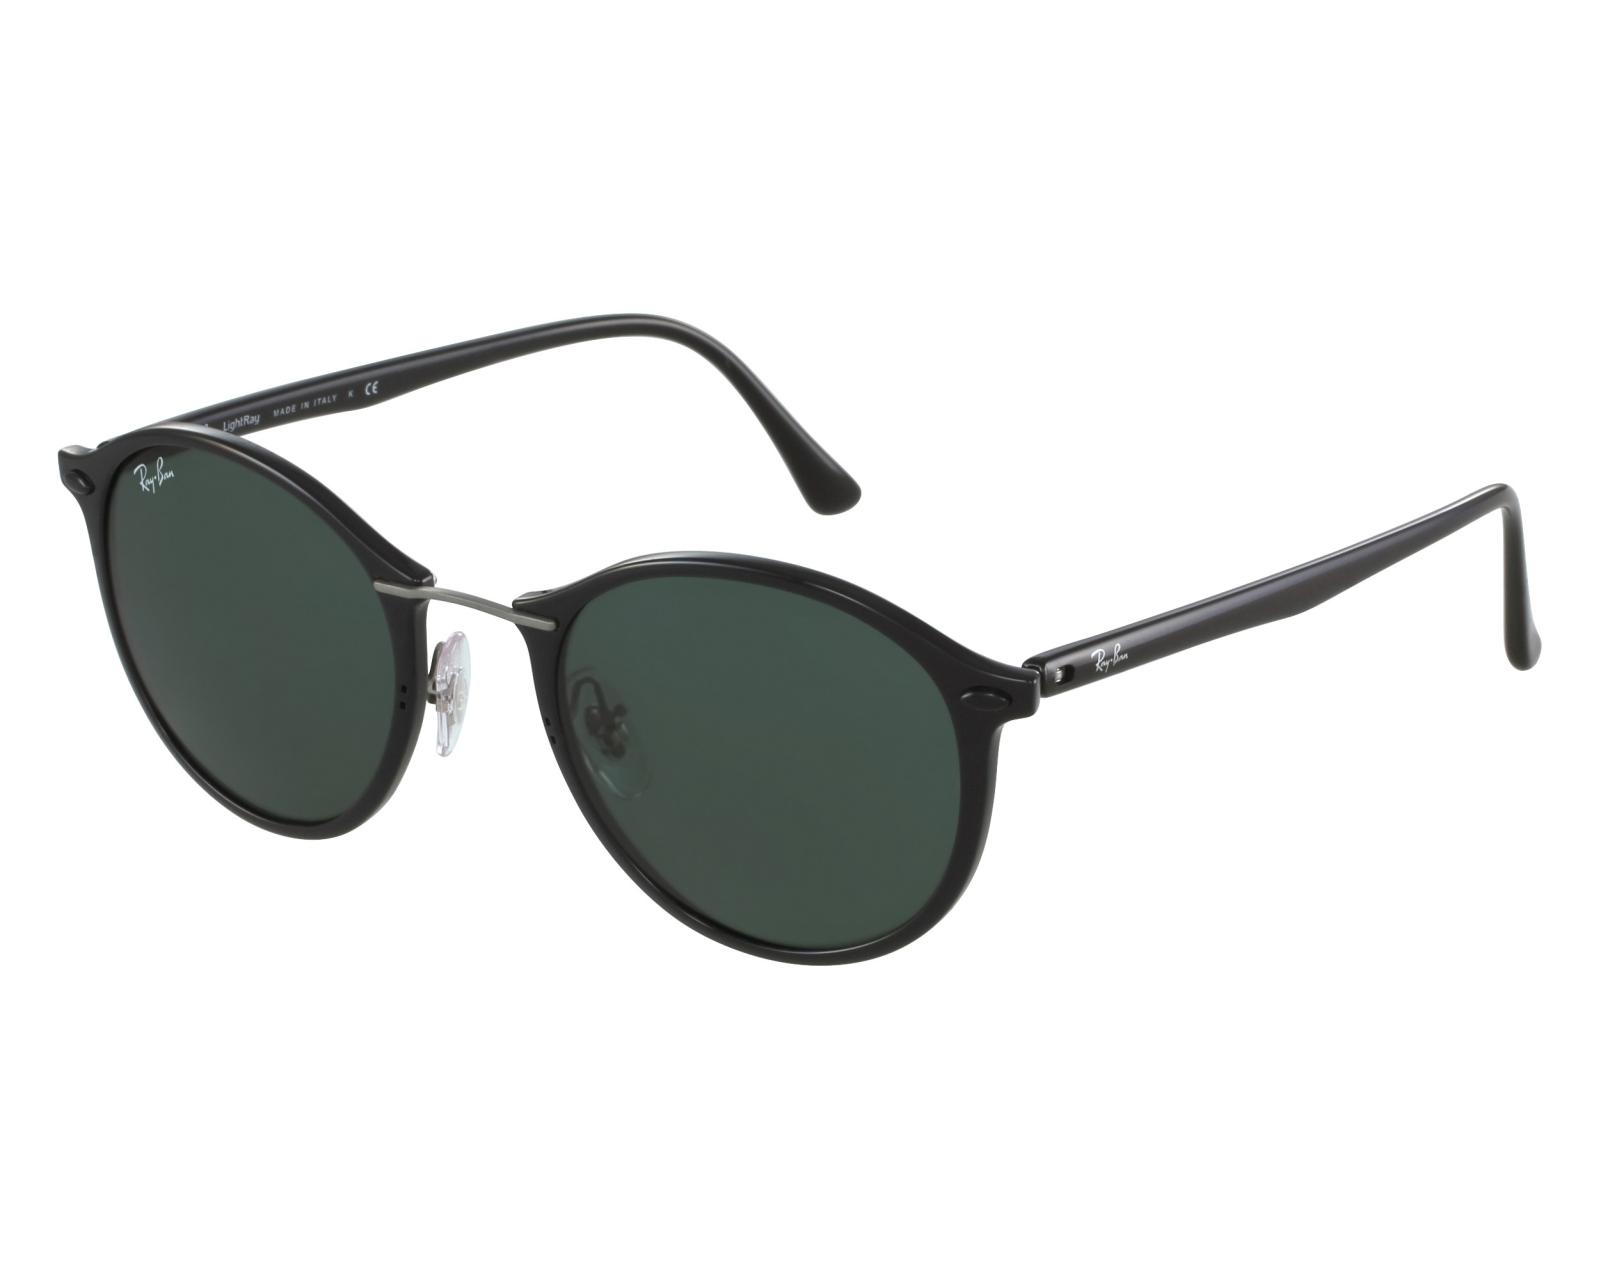 lunettes de soleil ray ban rb 4242 601 71 noir pas cher visionet. Black Bedroom Furniture Sets. Home Design Ideas